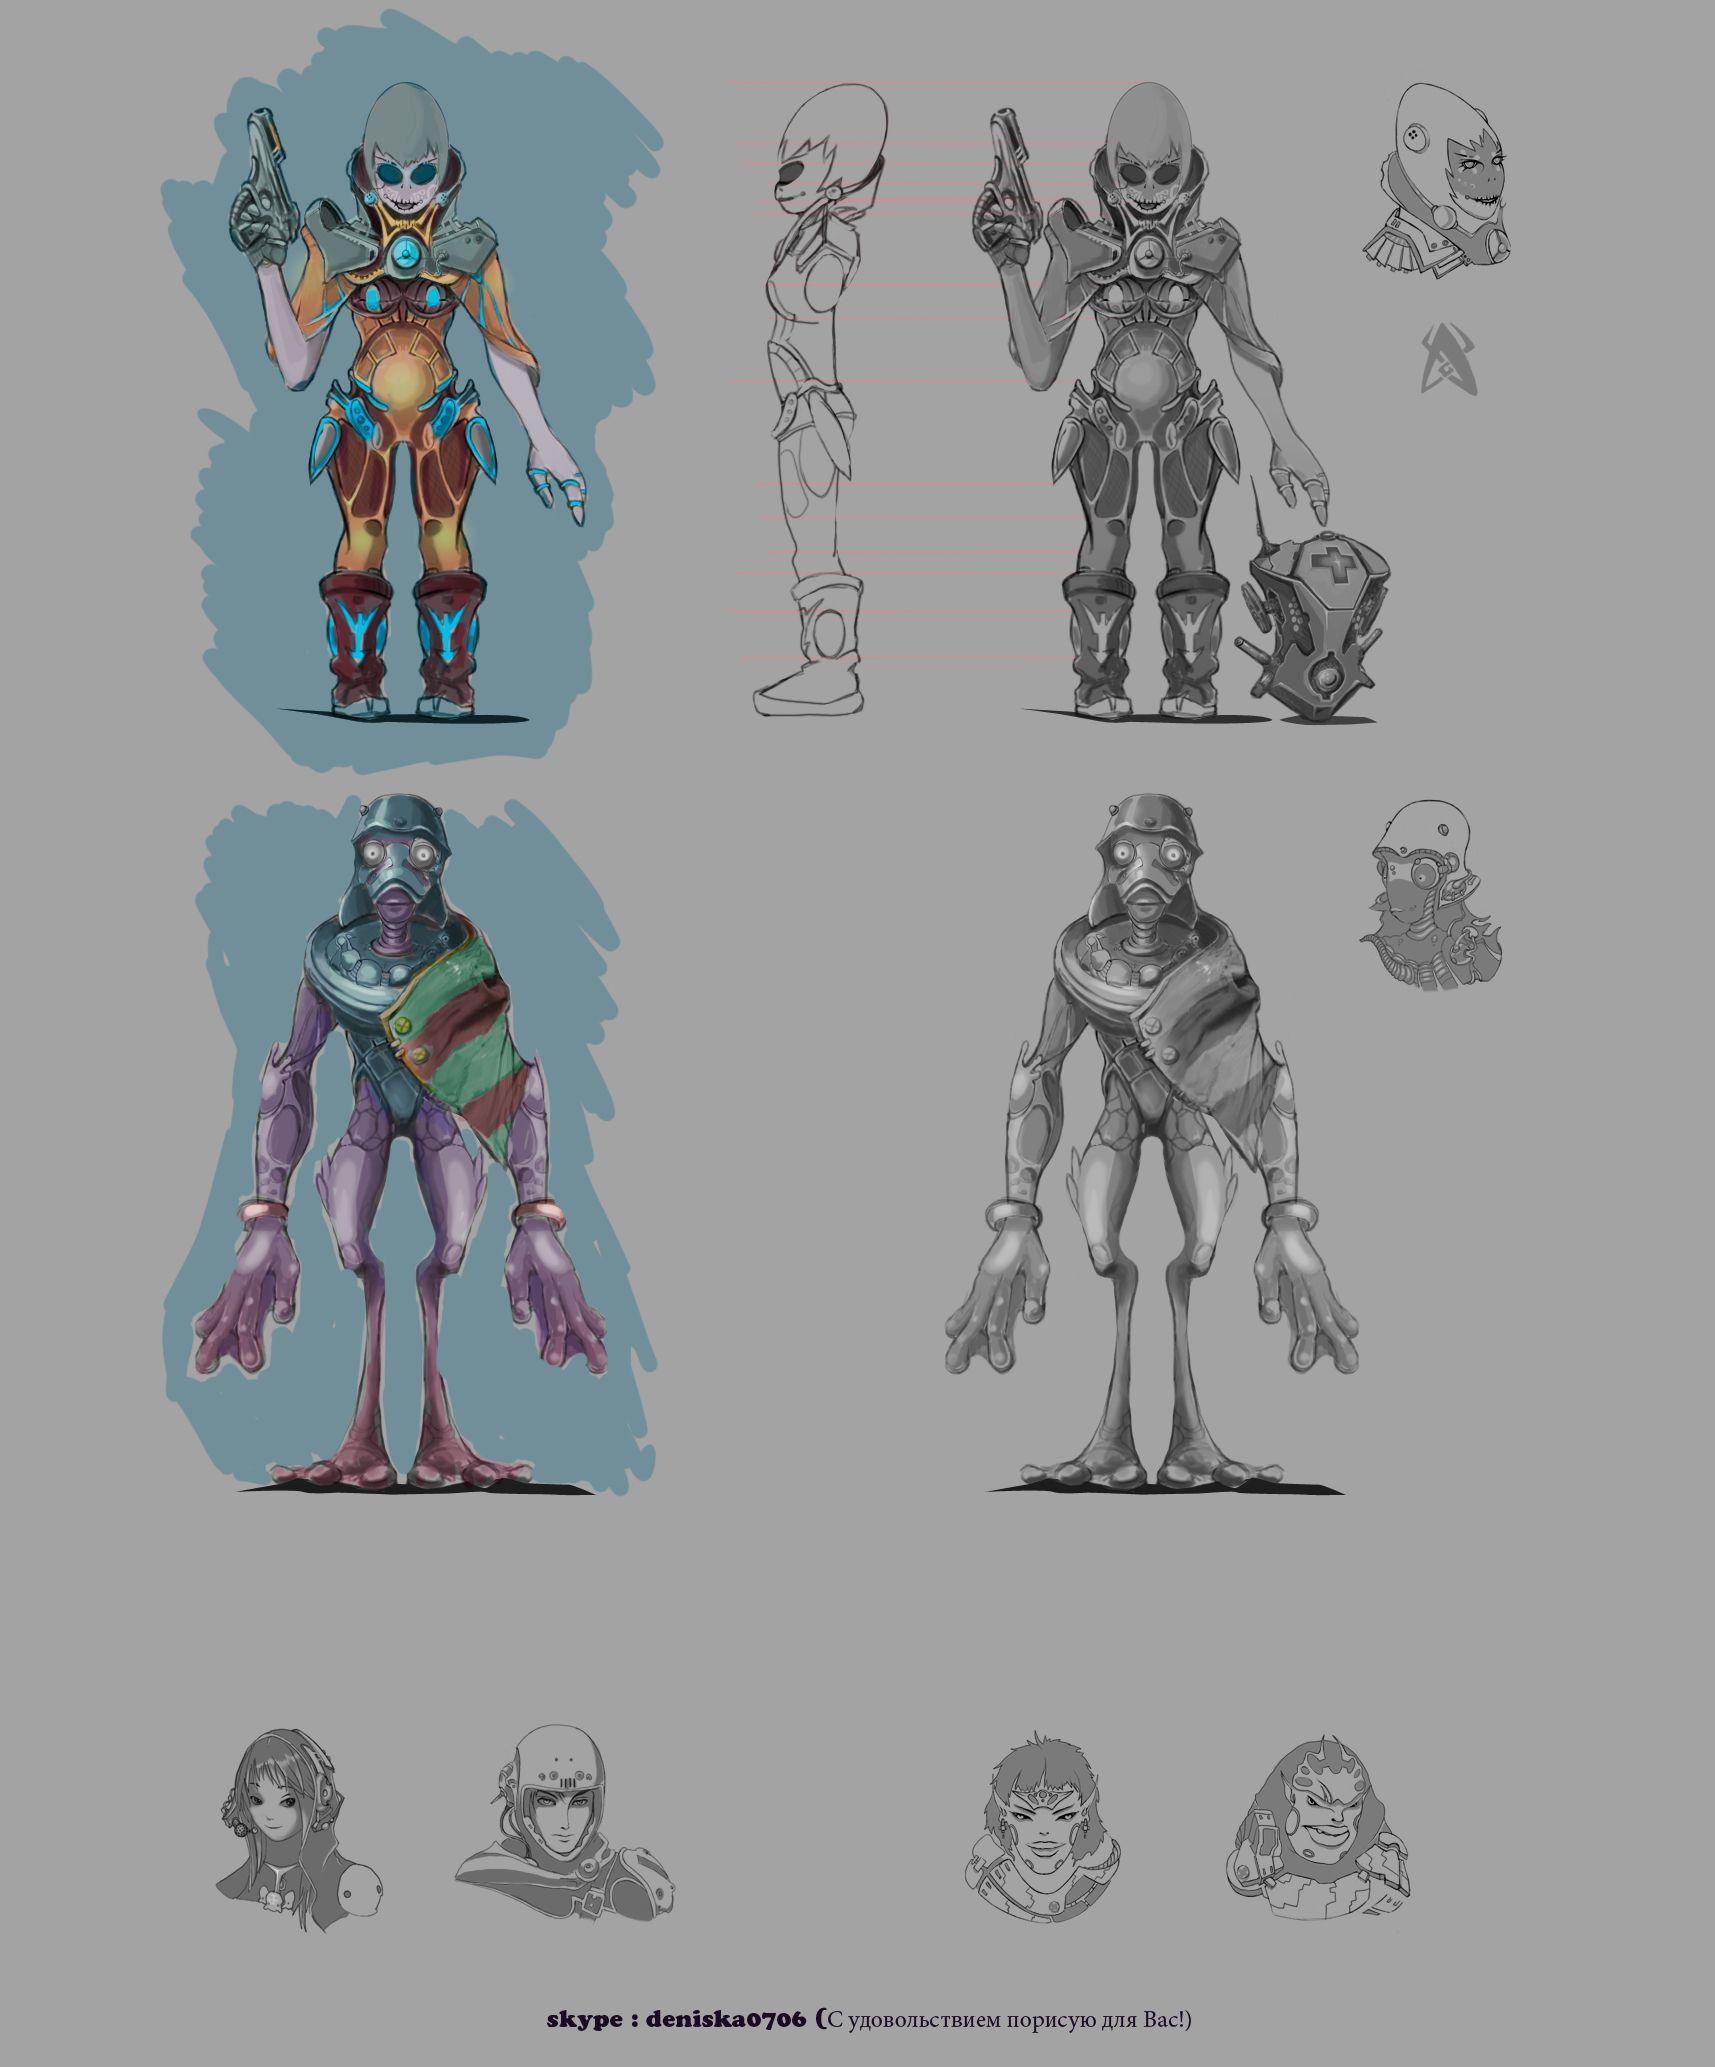 Нужен скетч персонажа для игры - дизайнер Hyena070